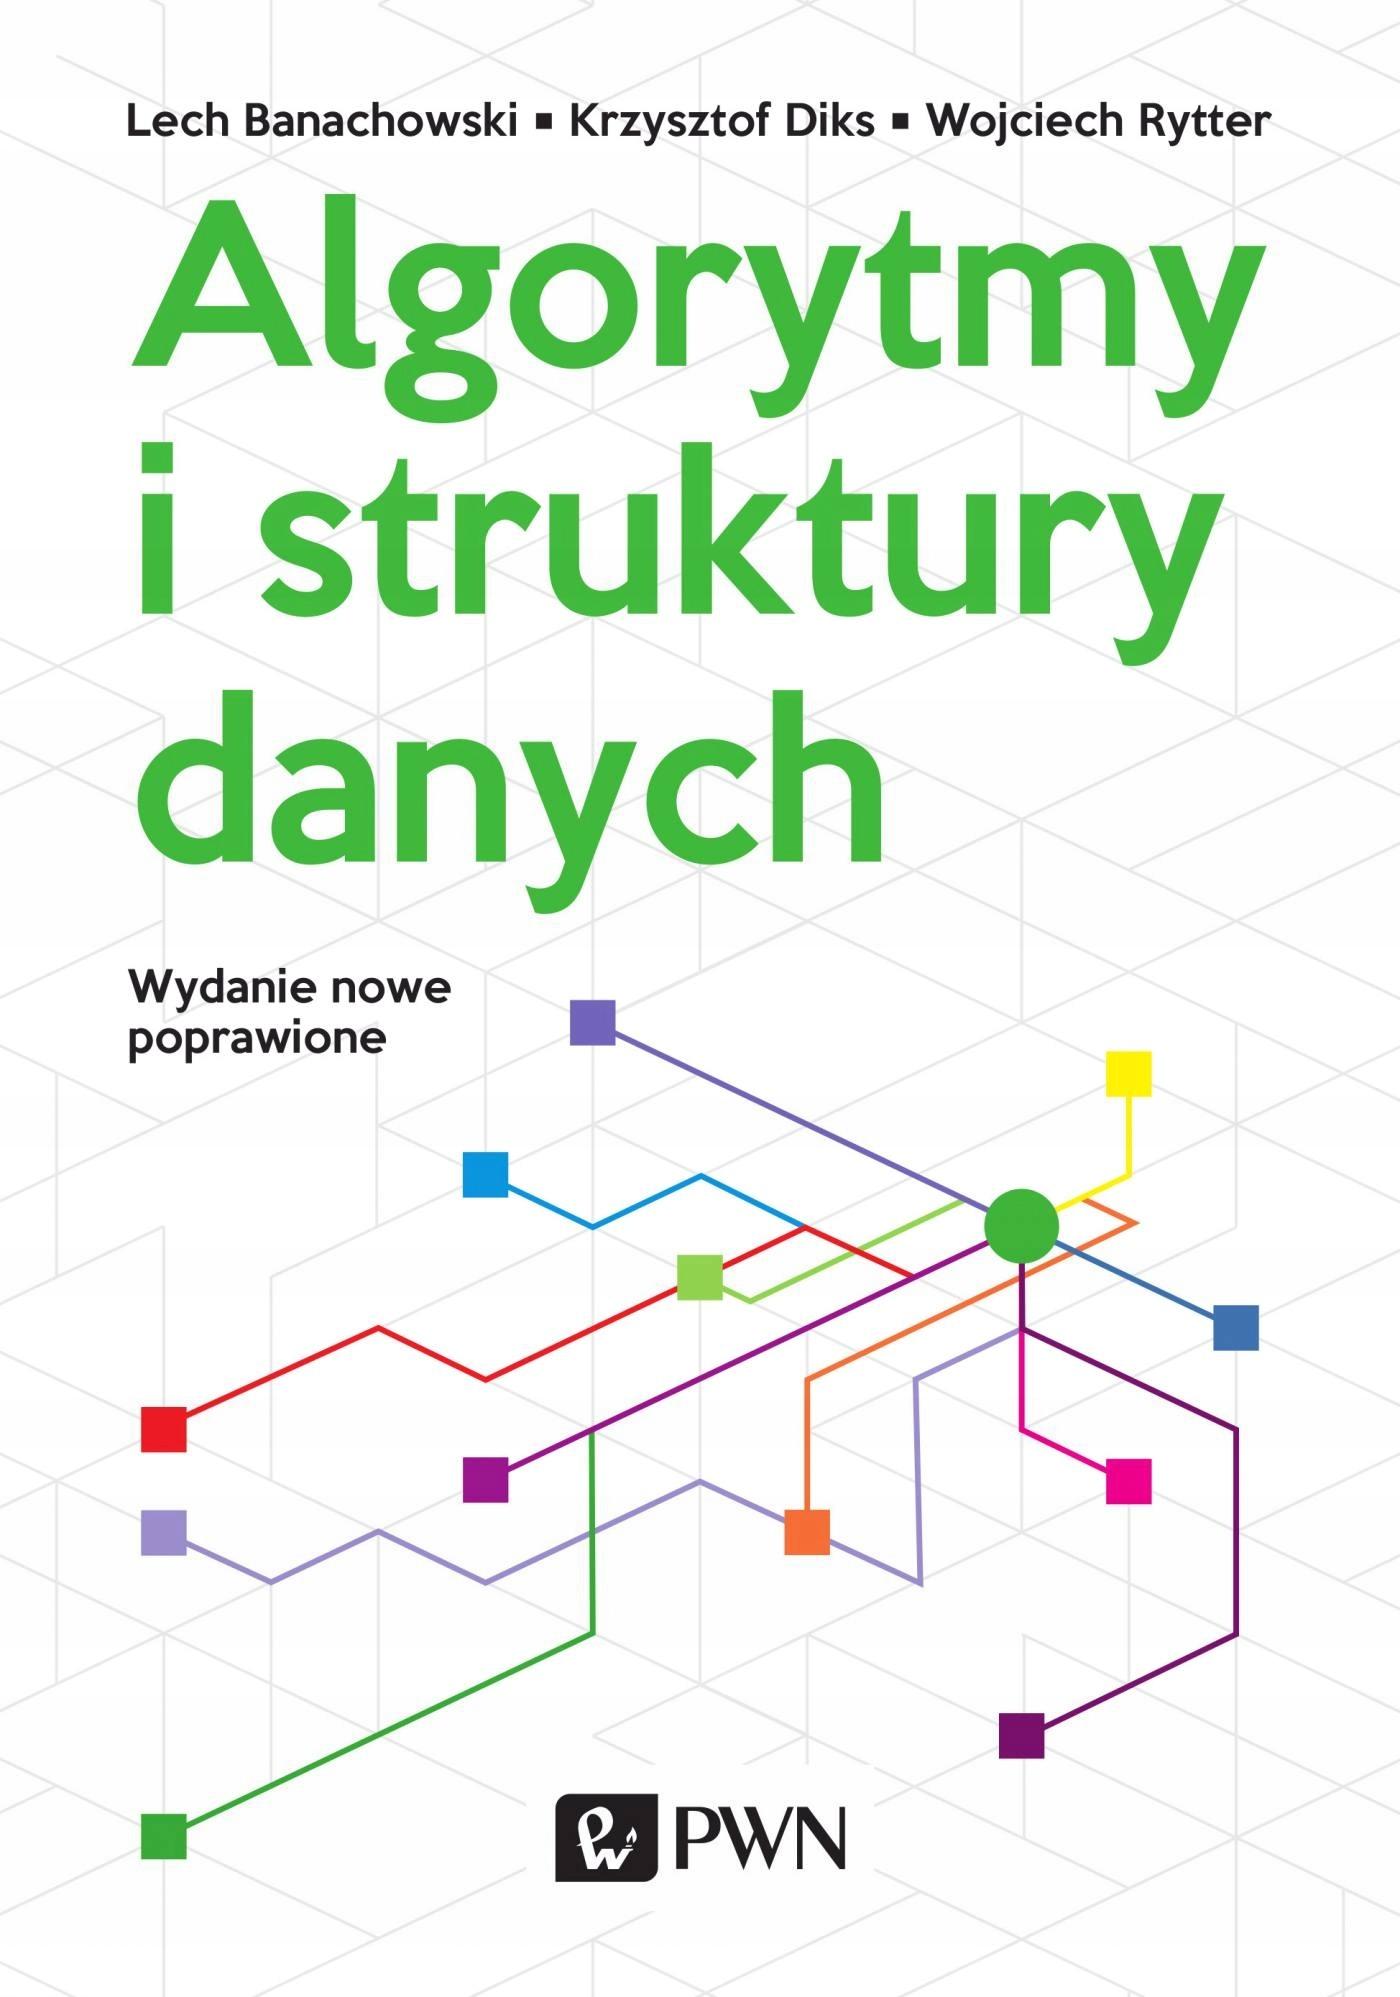 Algorytmy i struktury danych Wojciech Rytter